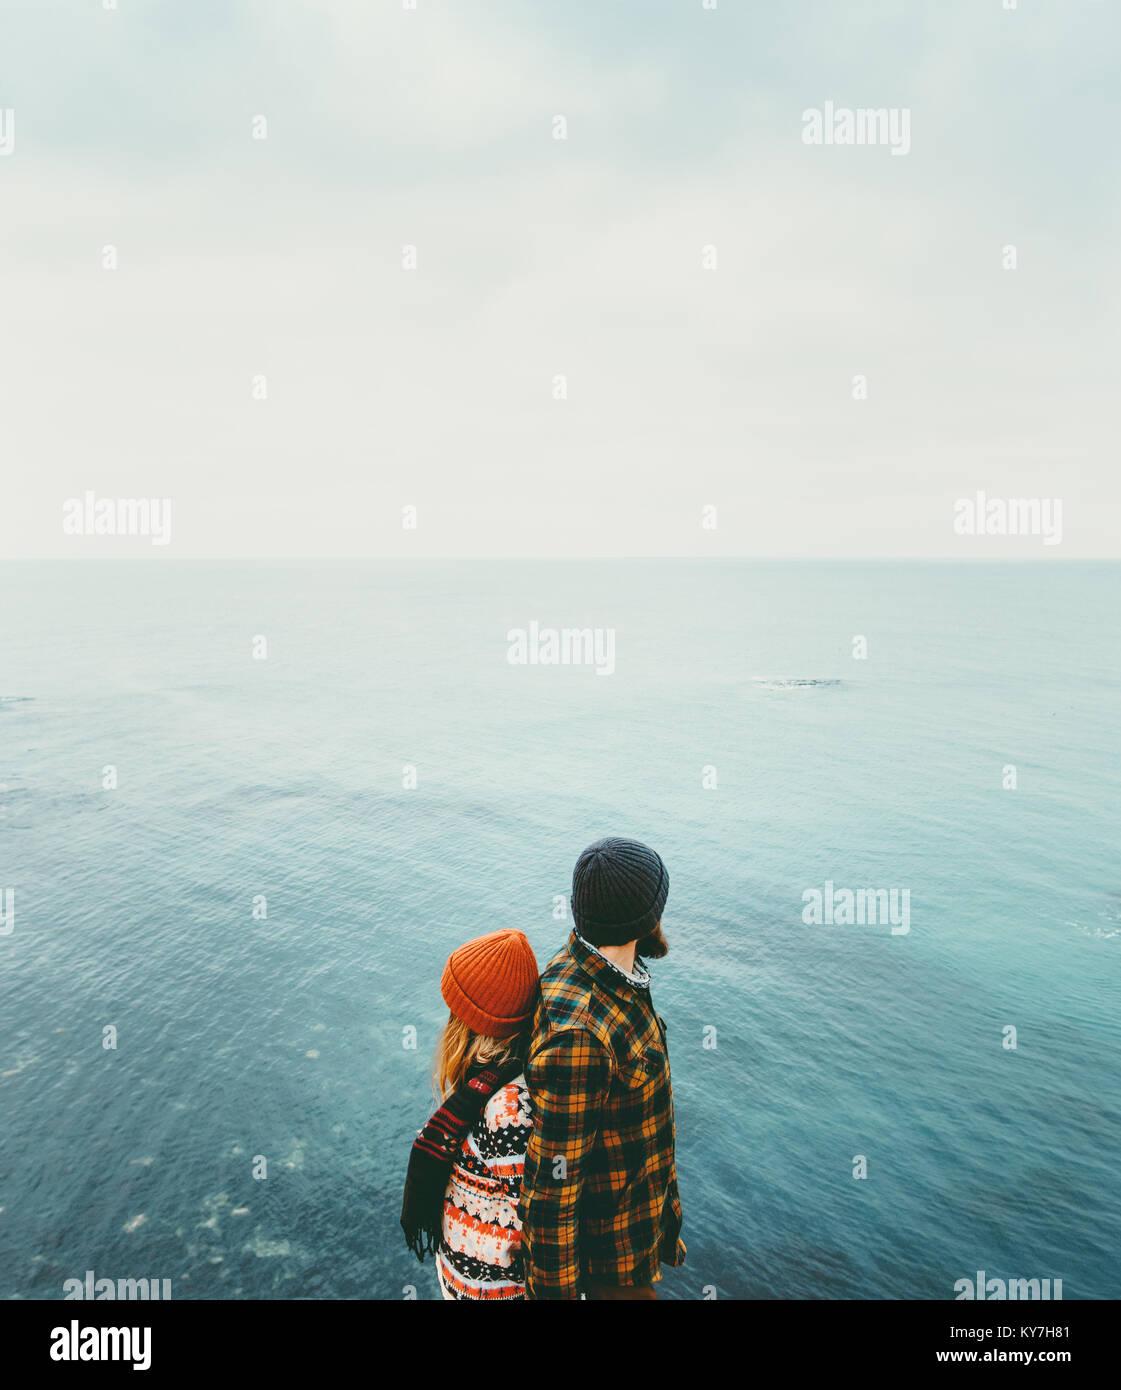 Pareja en el amor al hombre y a la mujer la espalda de pie sobre el mar viajando juntos emociones felices concepto Imagen De Stock